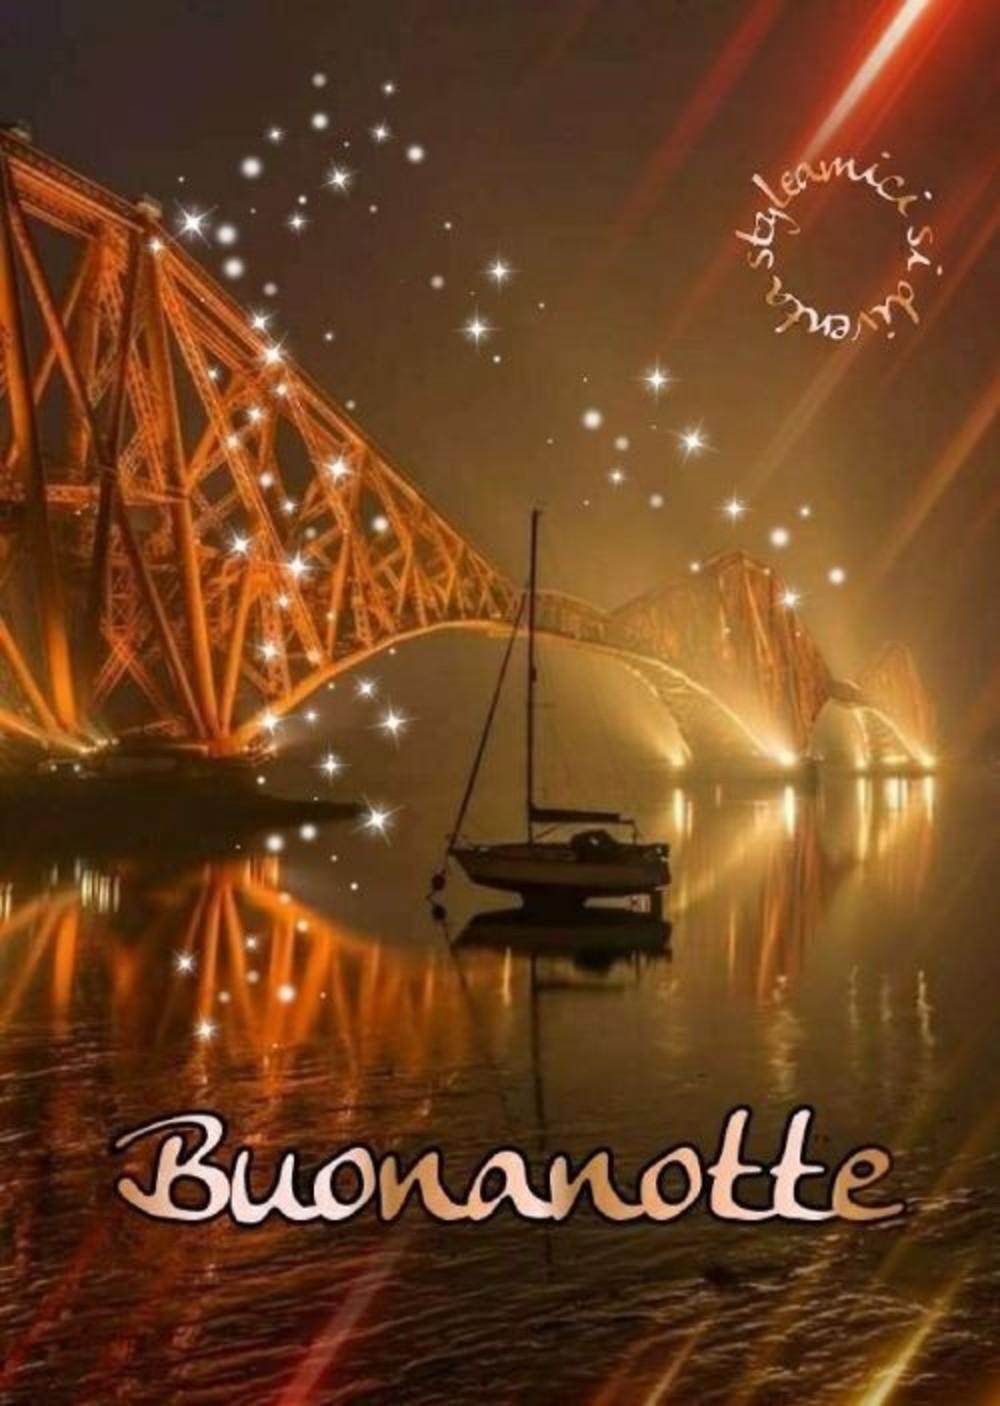 Belle Immagini Buonanotte Gattini Archives Pagina 5 Di 7